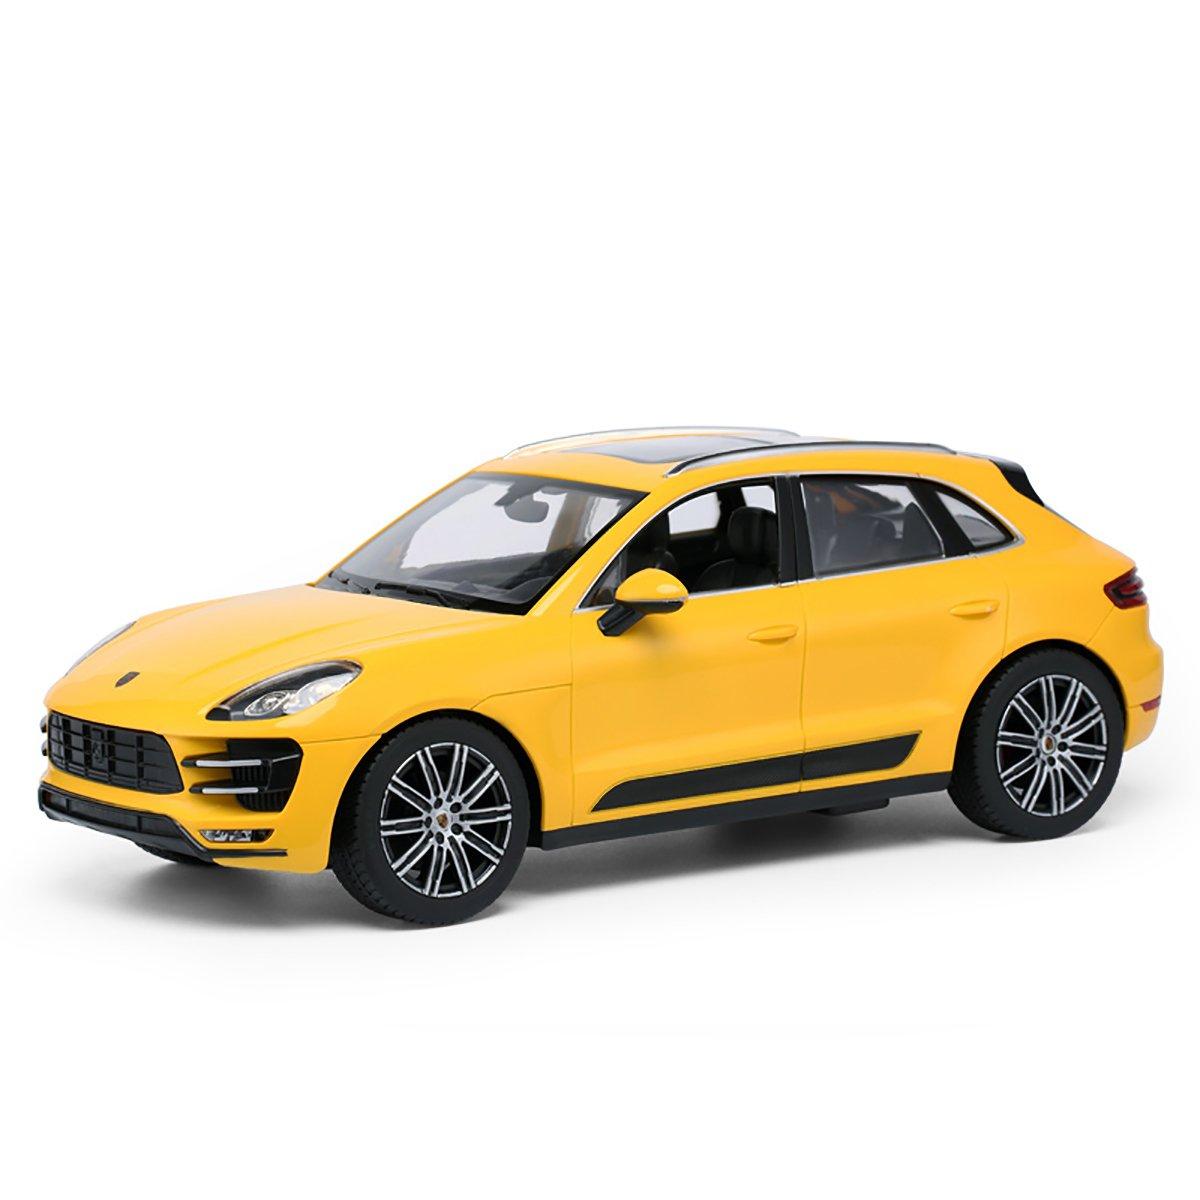 Masinuta cu telecomanda Rastar Porsche Macan Turbo, Galben, 1:14